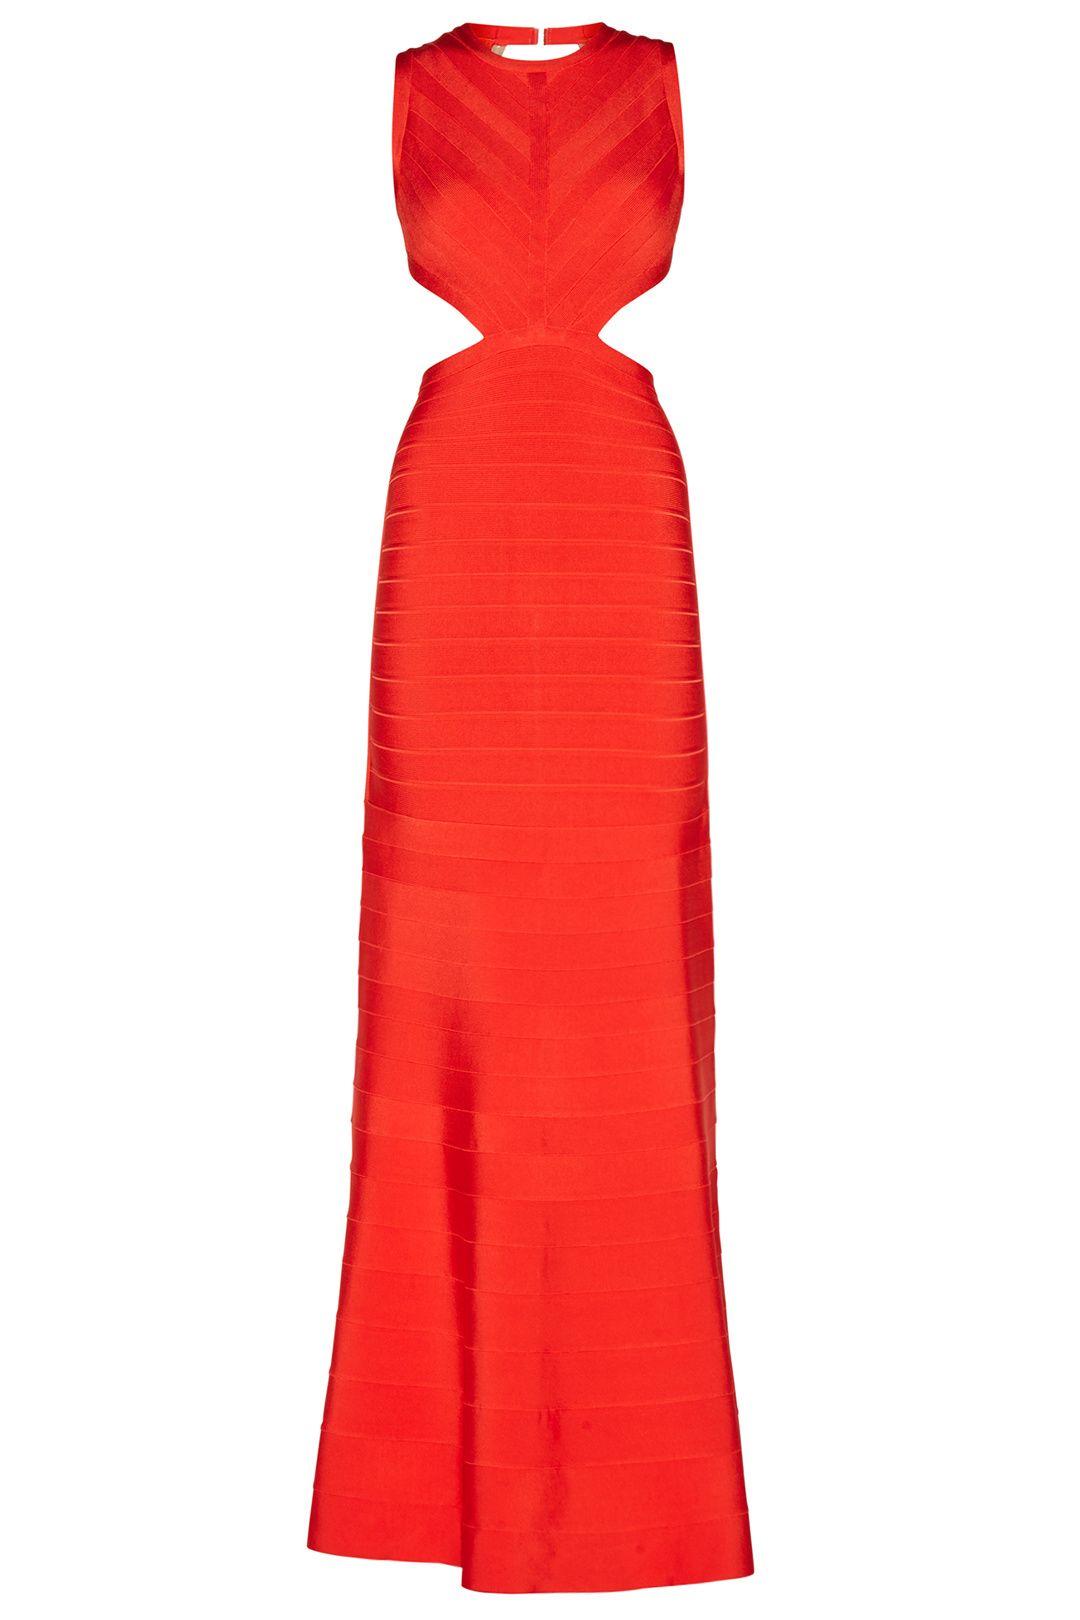 Hervé Léger Red Cassandra Signature Essentials Gown | Rent the ...